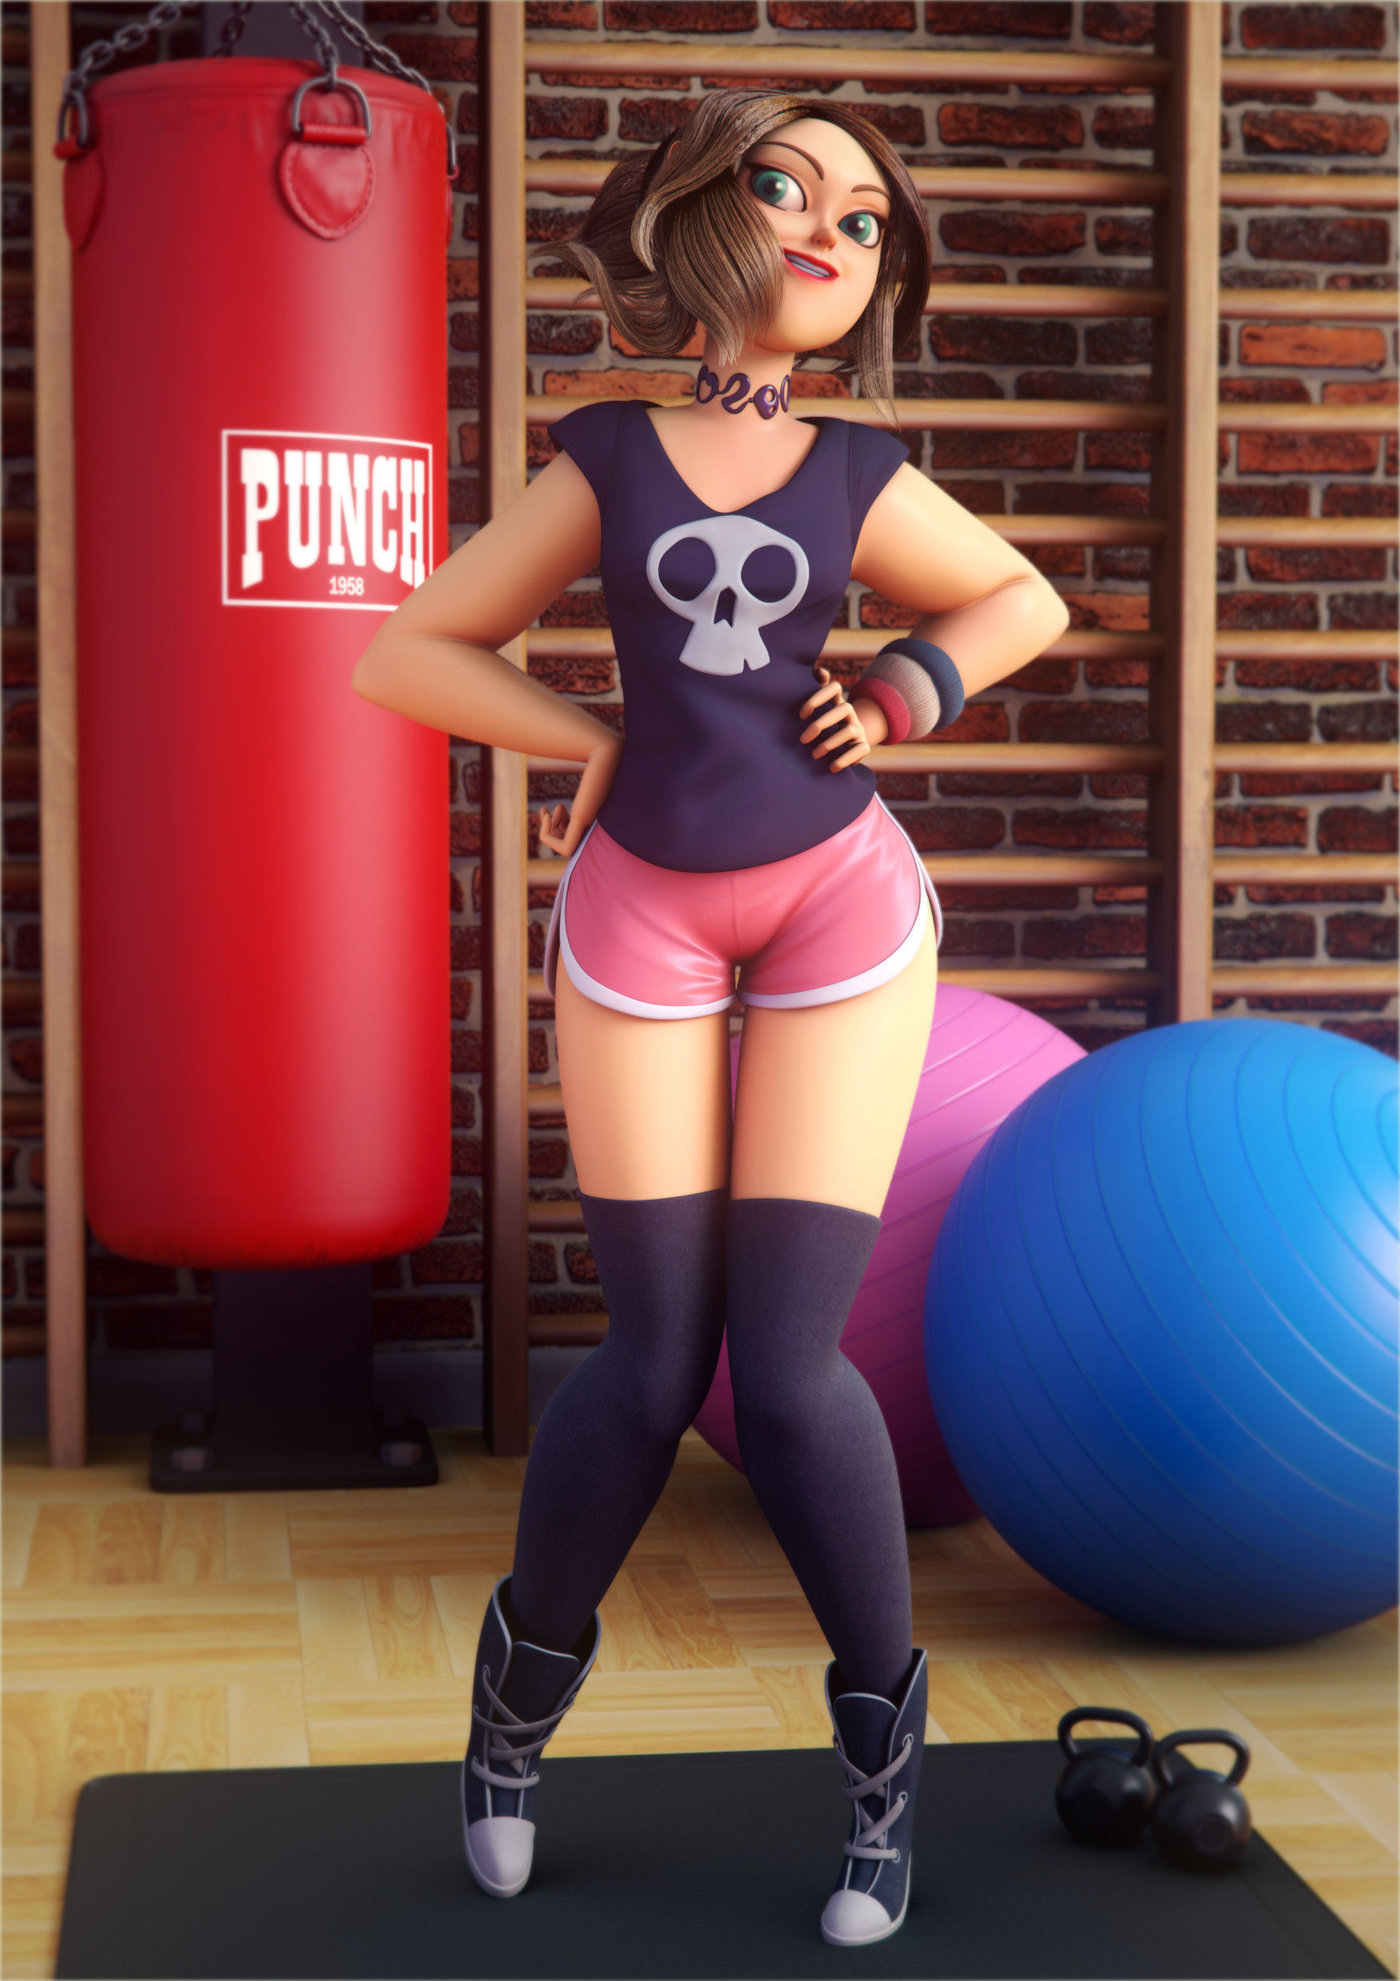 Sports girl by Josu Martin